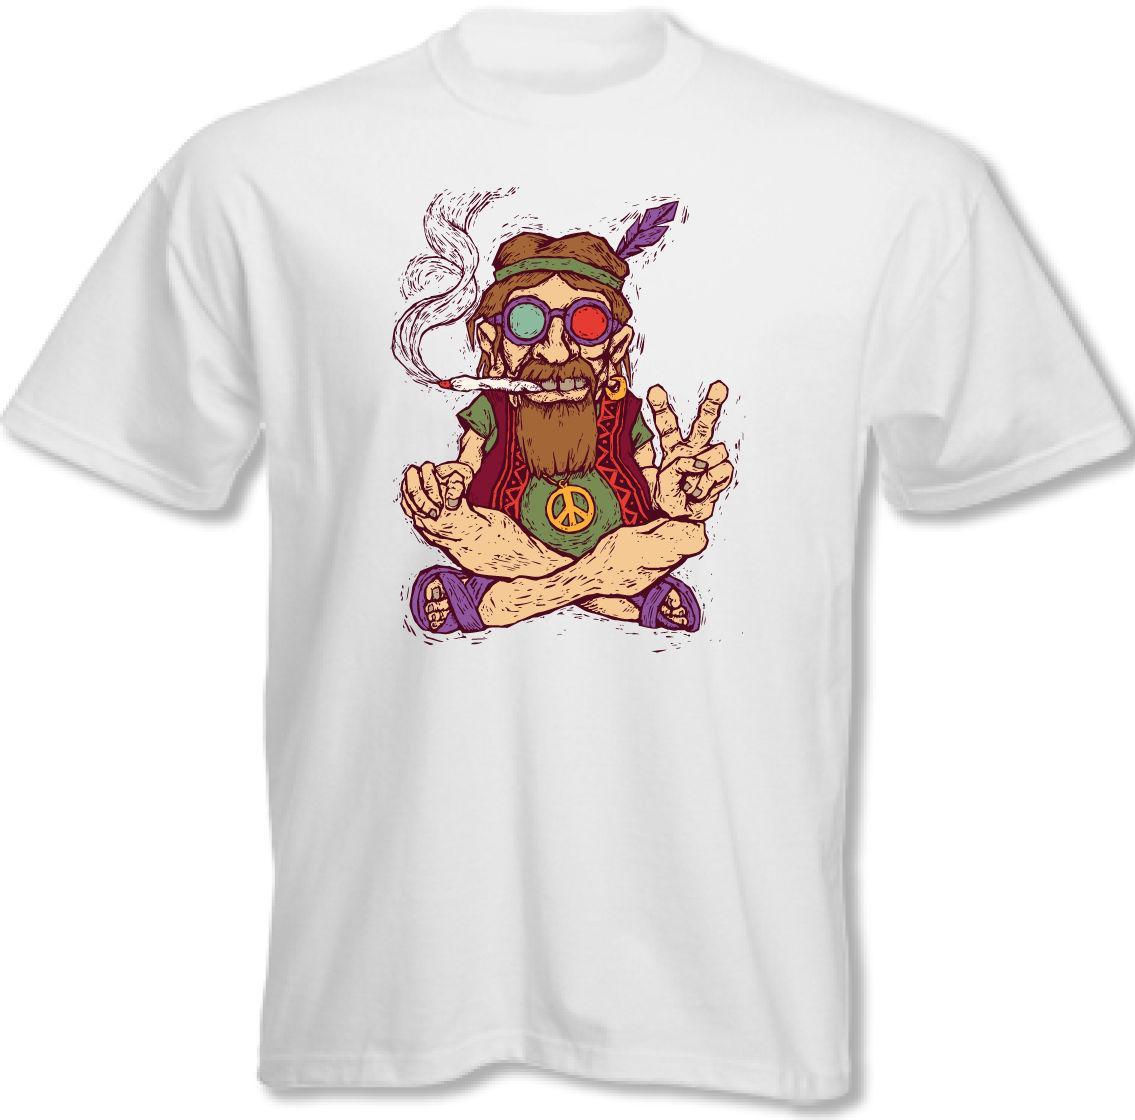 Großhandel Relaxter Out Hippie Rauchen Ein Spliff Herren Lustiges T